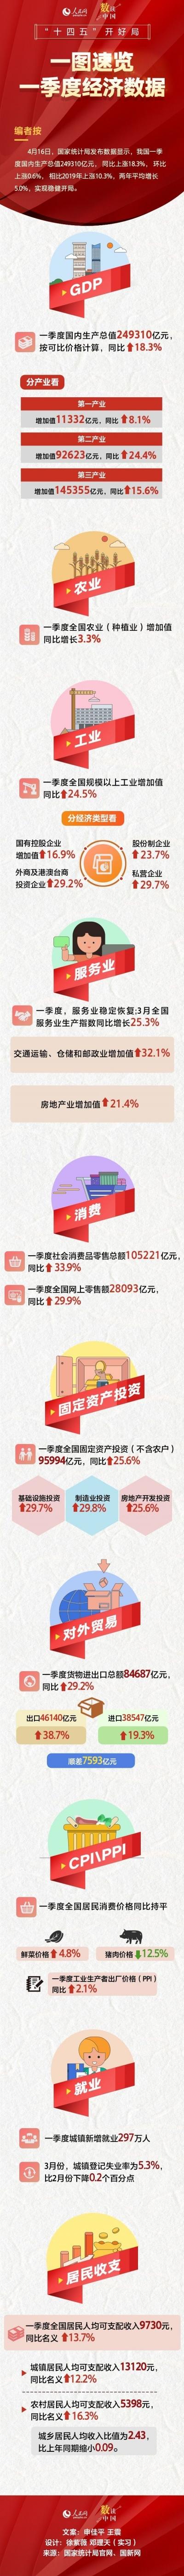 """季度經濟數據出爐 """"十四五""""開局穩??!"""